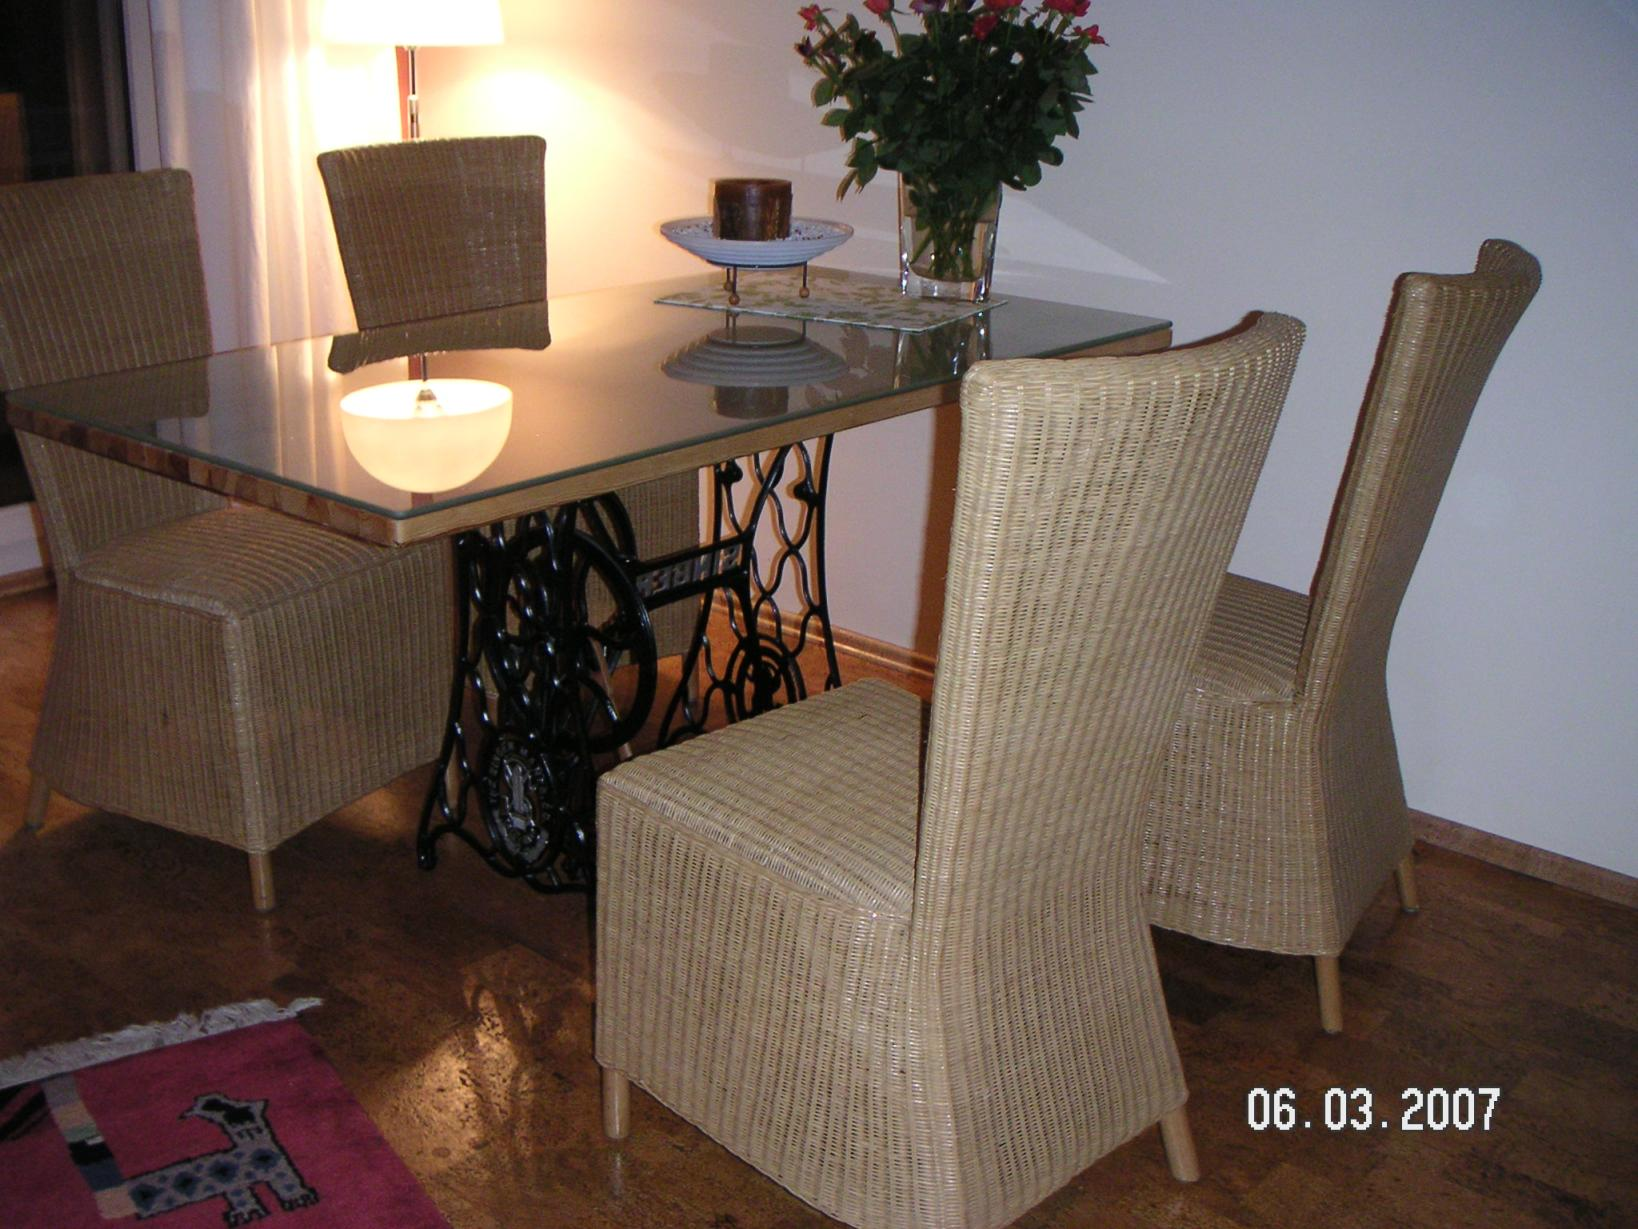 korbst hle esstisch nabcd. Black Bedroom Furniture Sets. Home Design Ideas